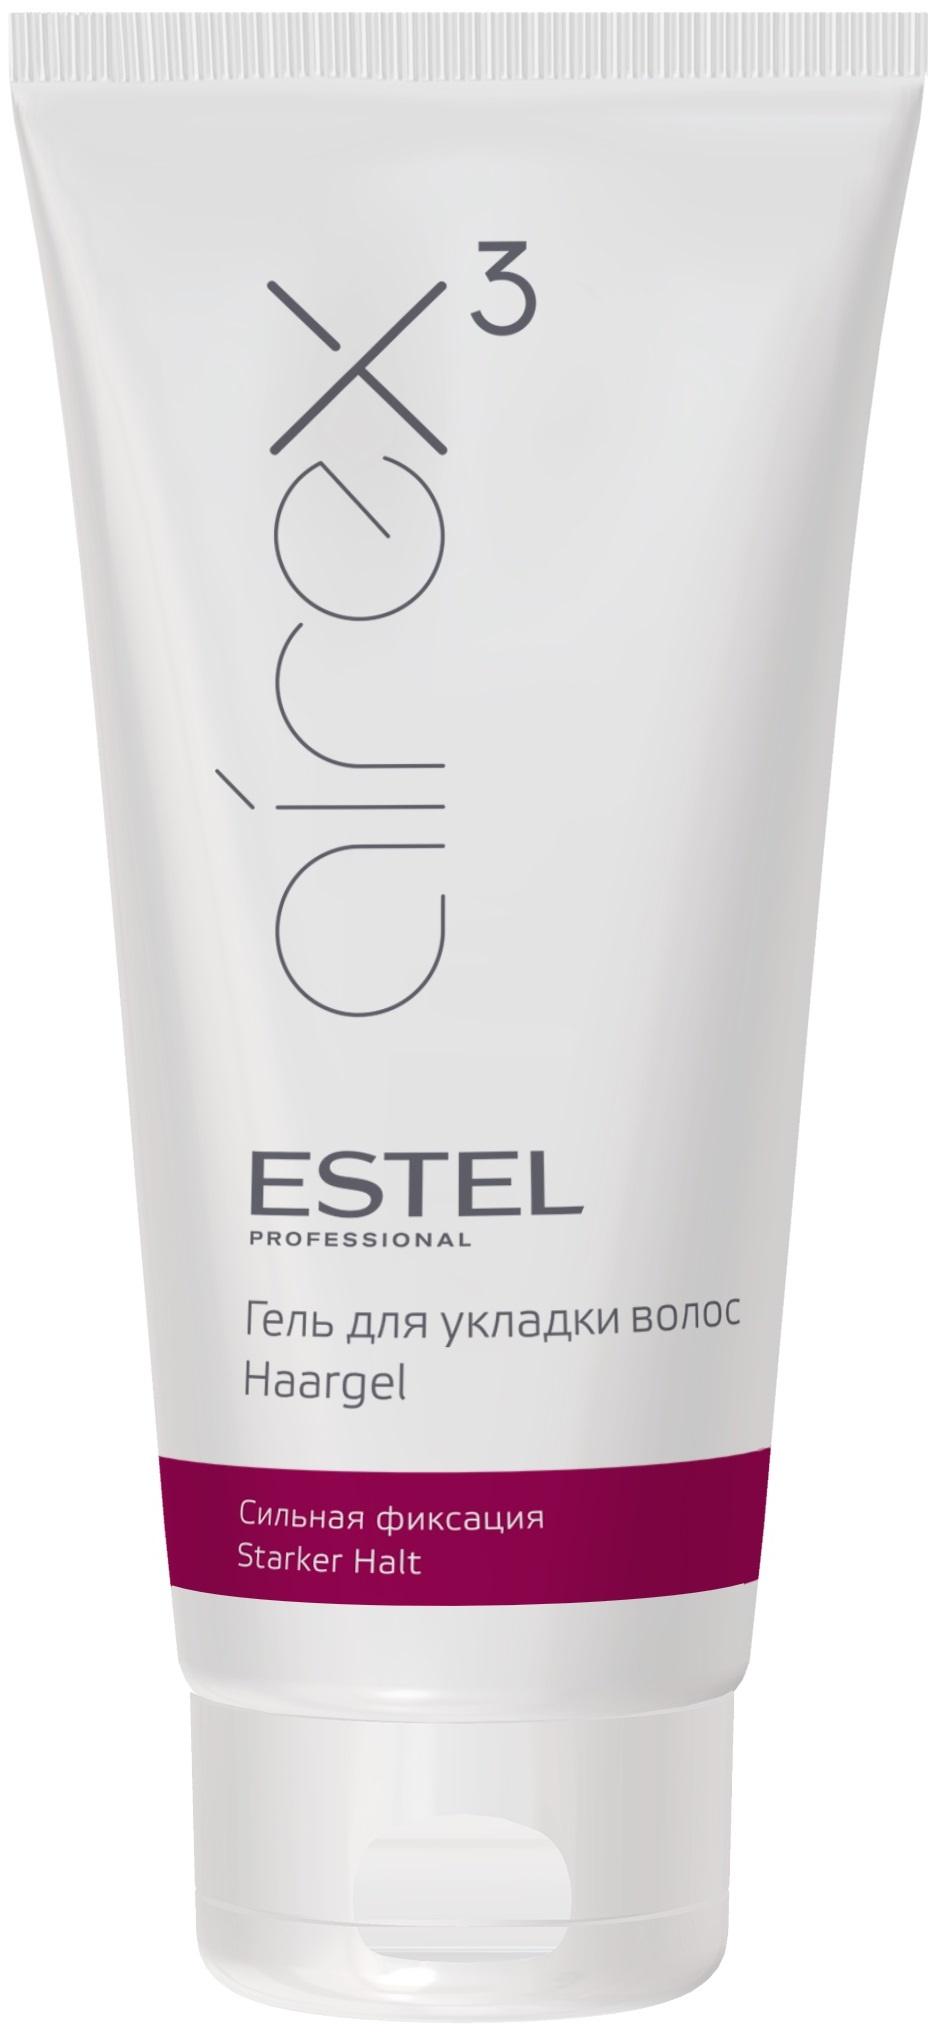 Гель для волос ESTEL PROFESSIONAL AIREX сильной фиксации haargel 200 мл